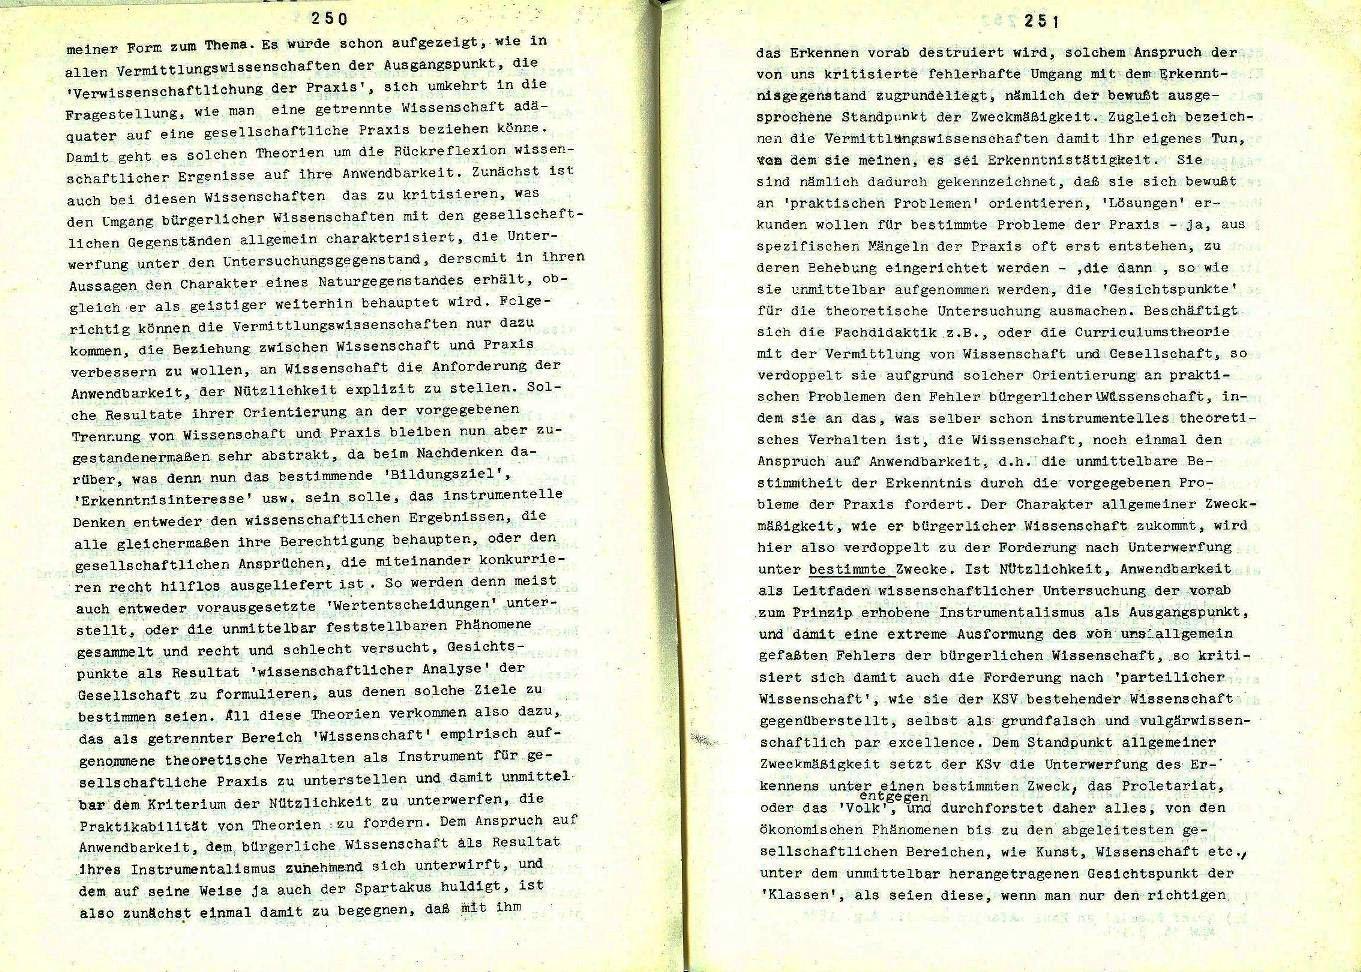 Muenchen_AK_Sozialistisches_Studium130